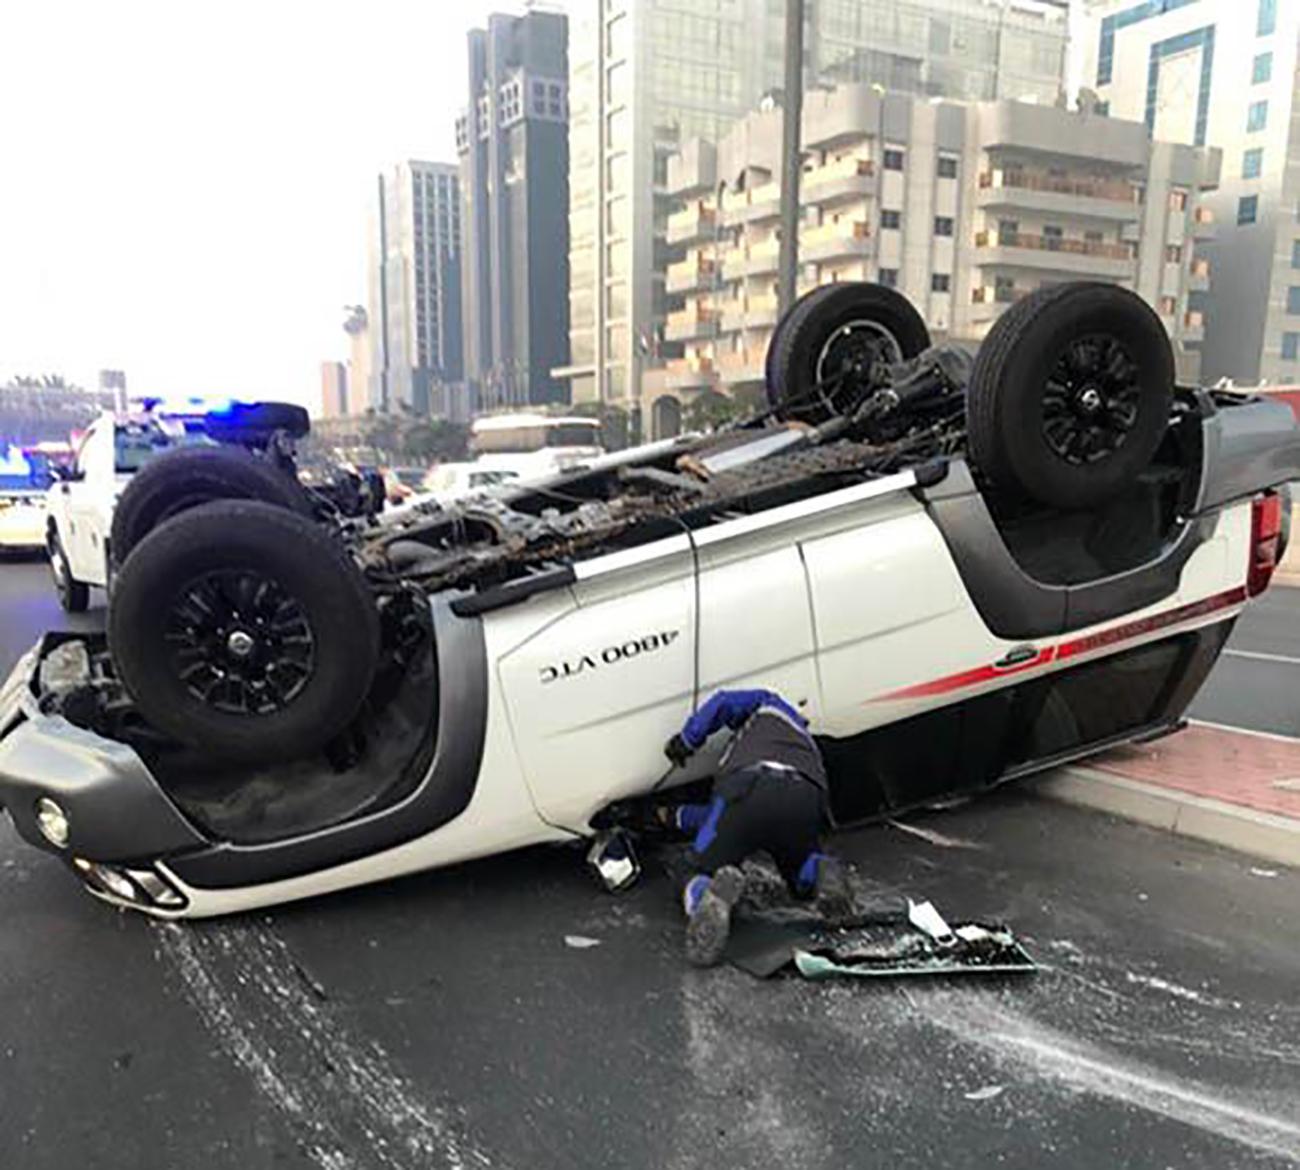 شرطة دبي: إصابة 6 أشخاص في حوادث مرورية متفرقة خلال 48 ساعة